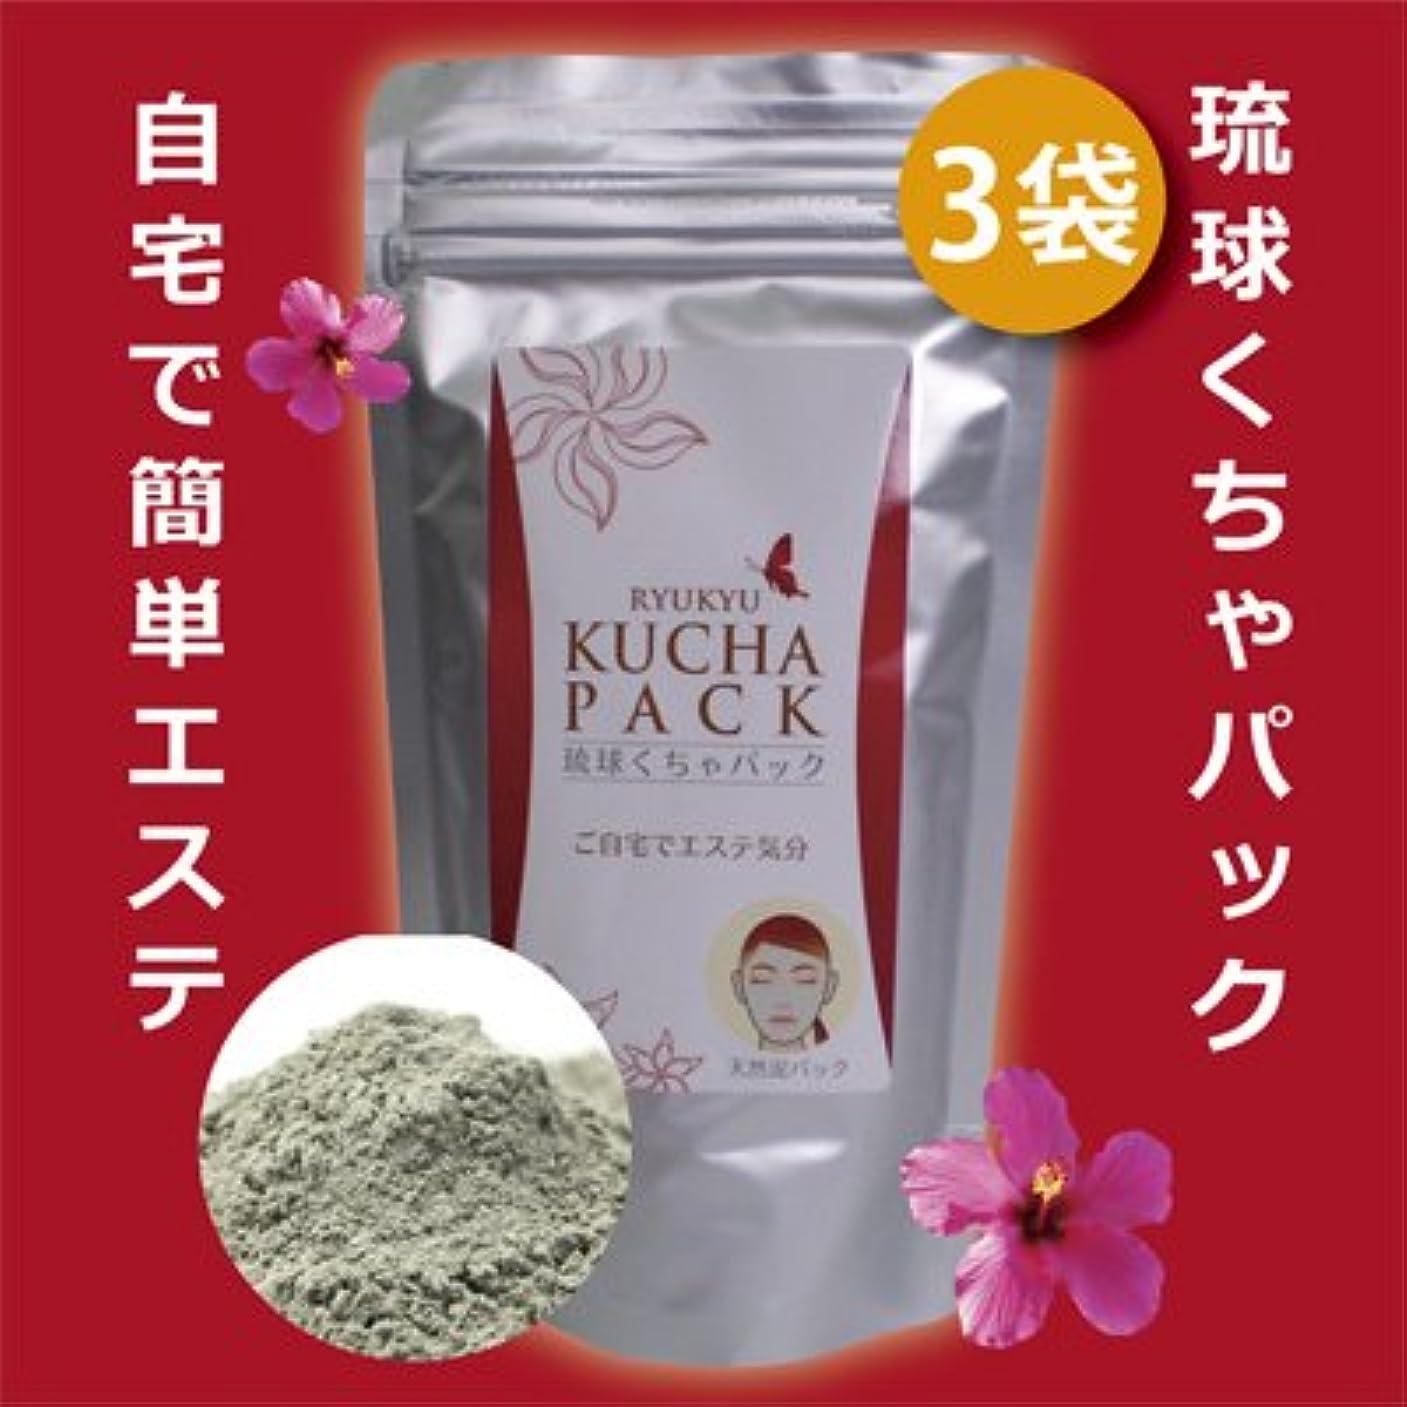 ガム投資するチョップ美肌 健康作り 月桃水を加えた使いやすい粉末 沖縄産 琉球くちゃパック 300g 3パック